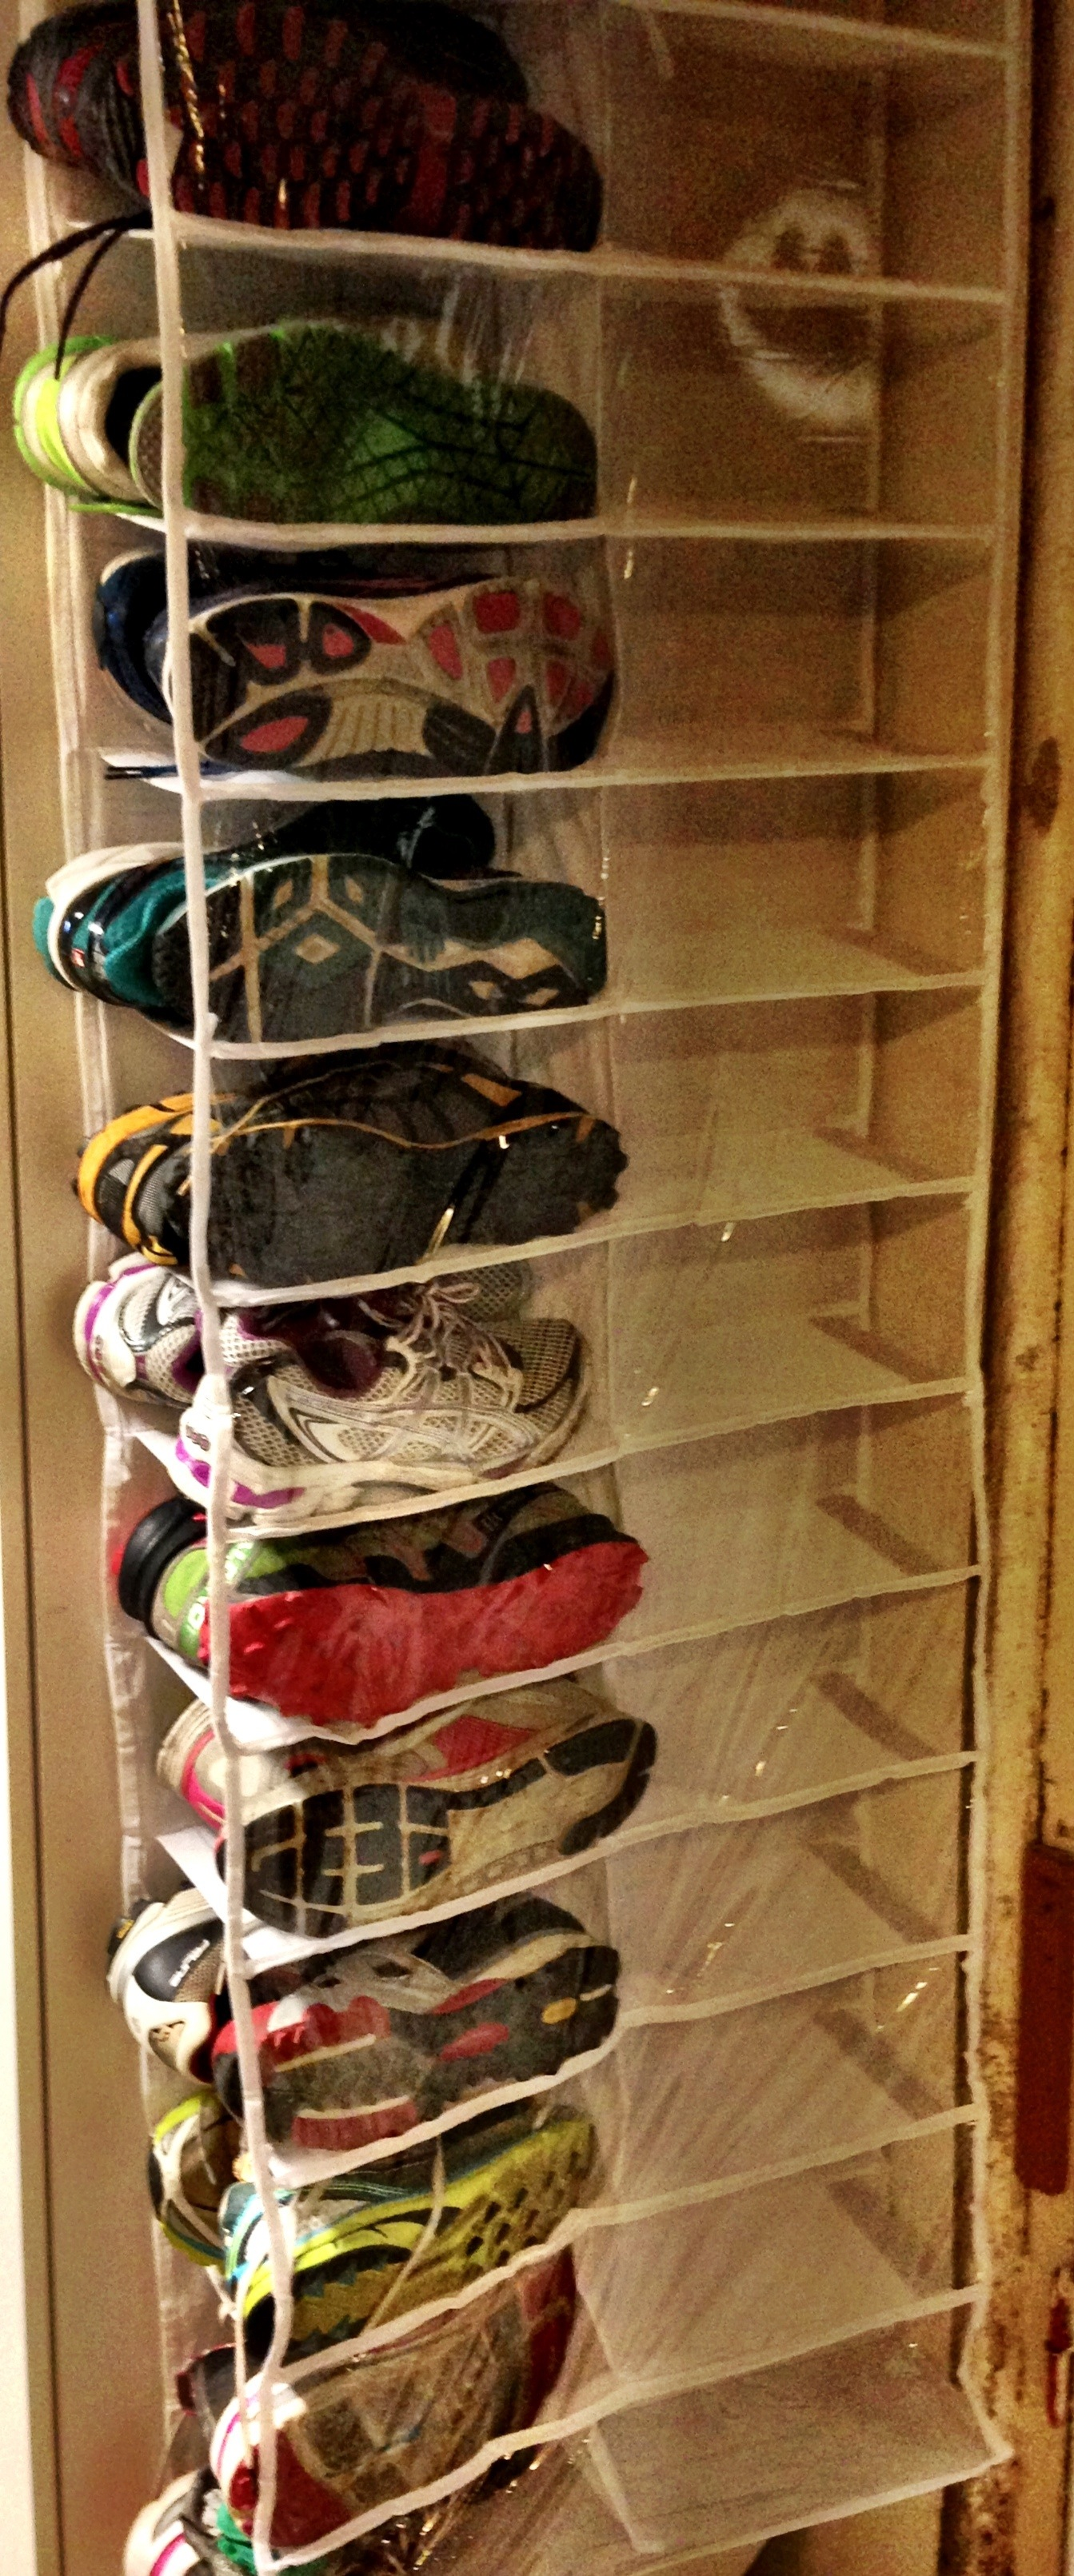 Så många skor som vill bli använda! Coynthas blogg